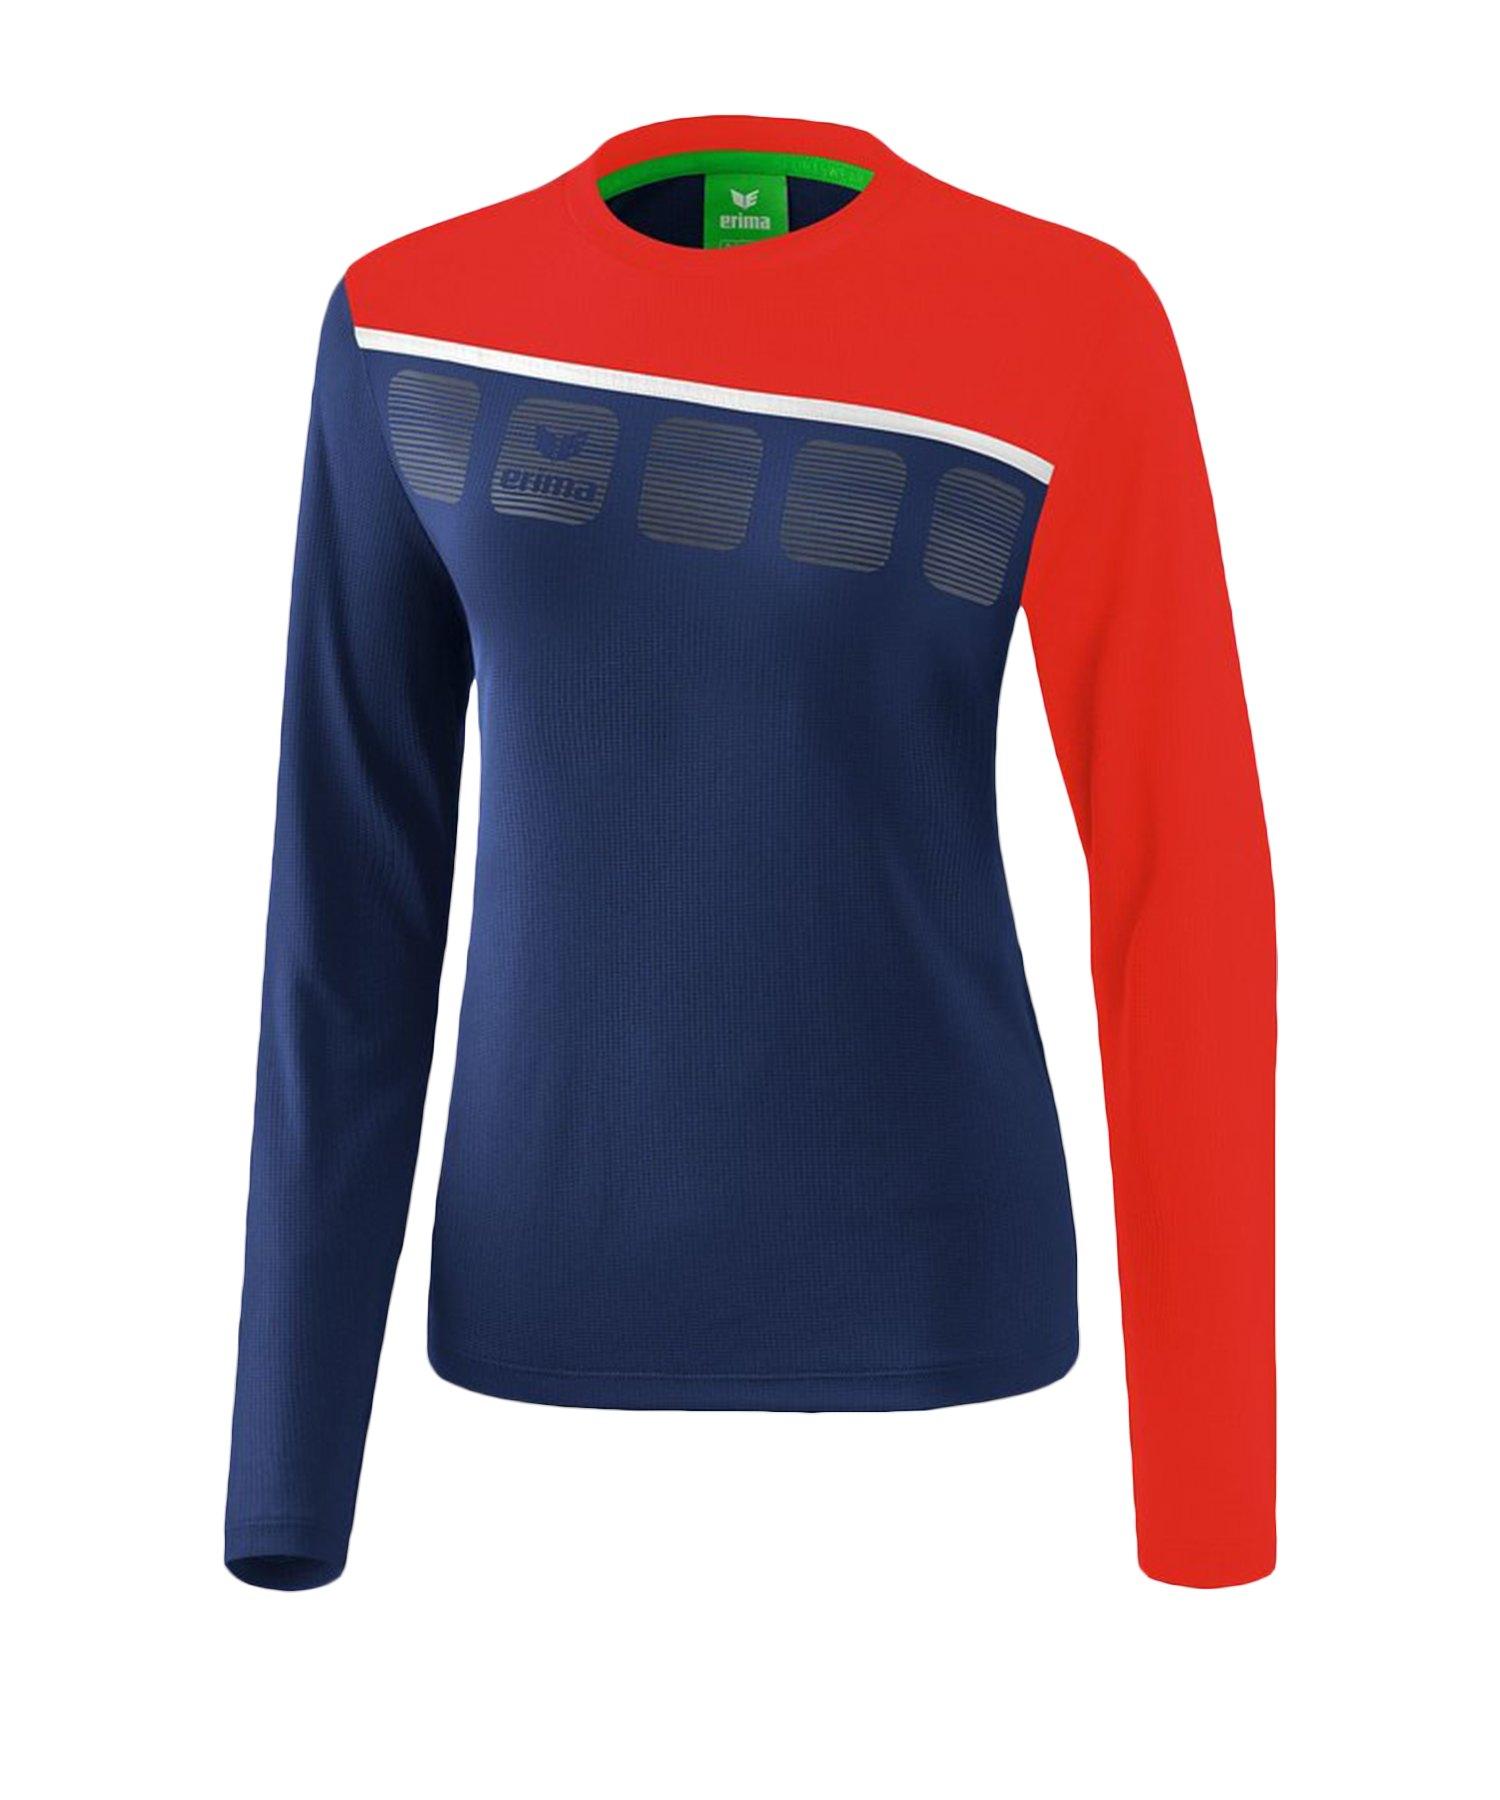 Erima 5-C Longsleeve Damen Blau Rot - Blau